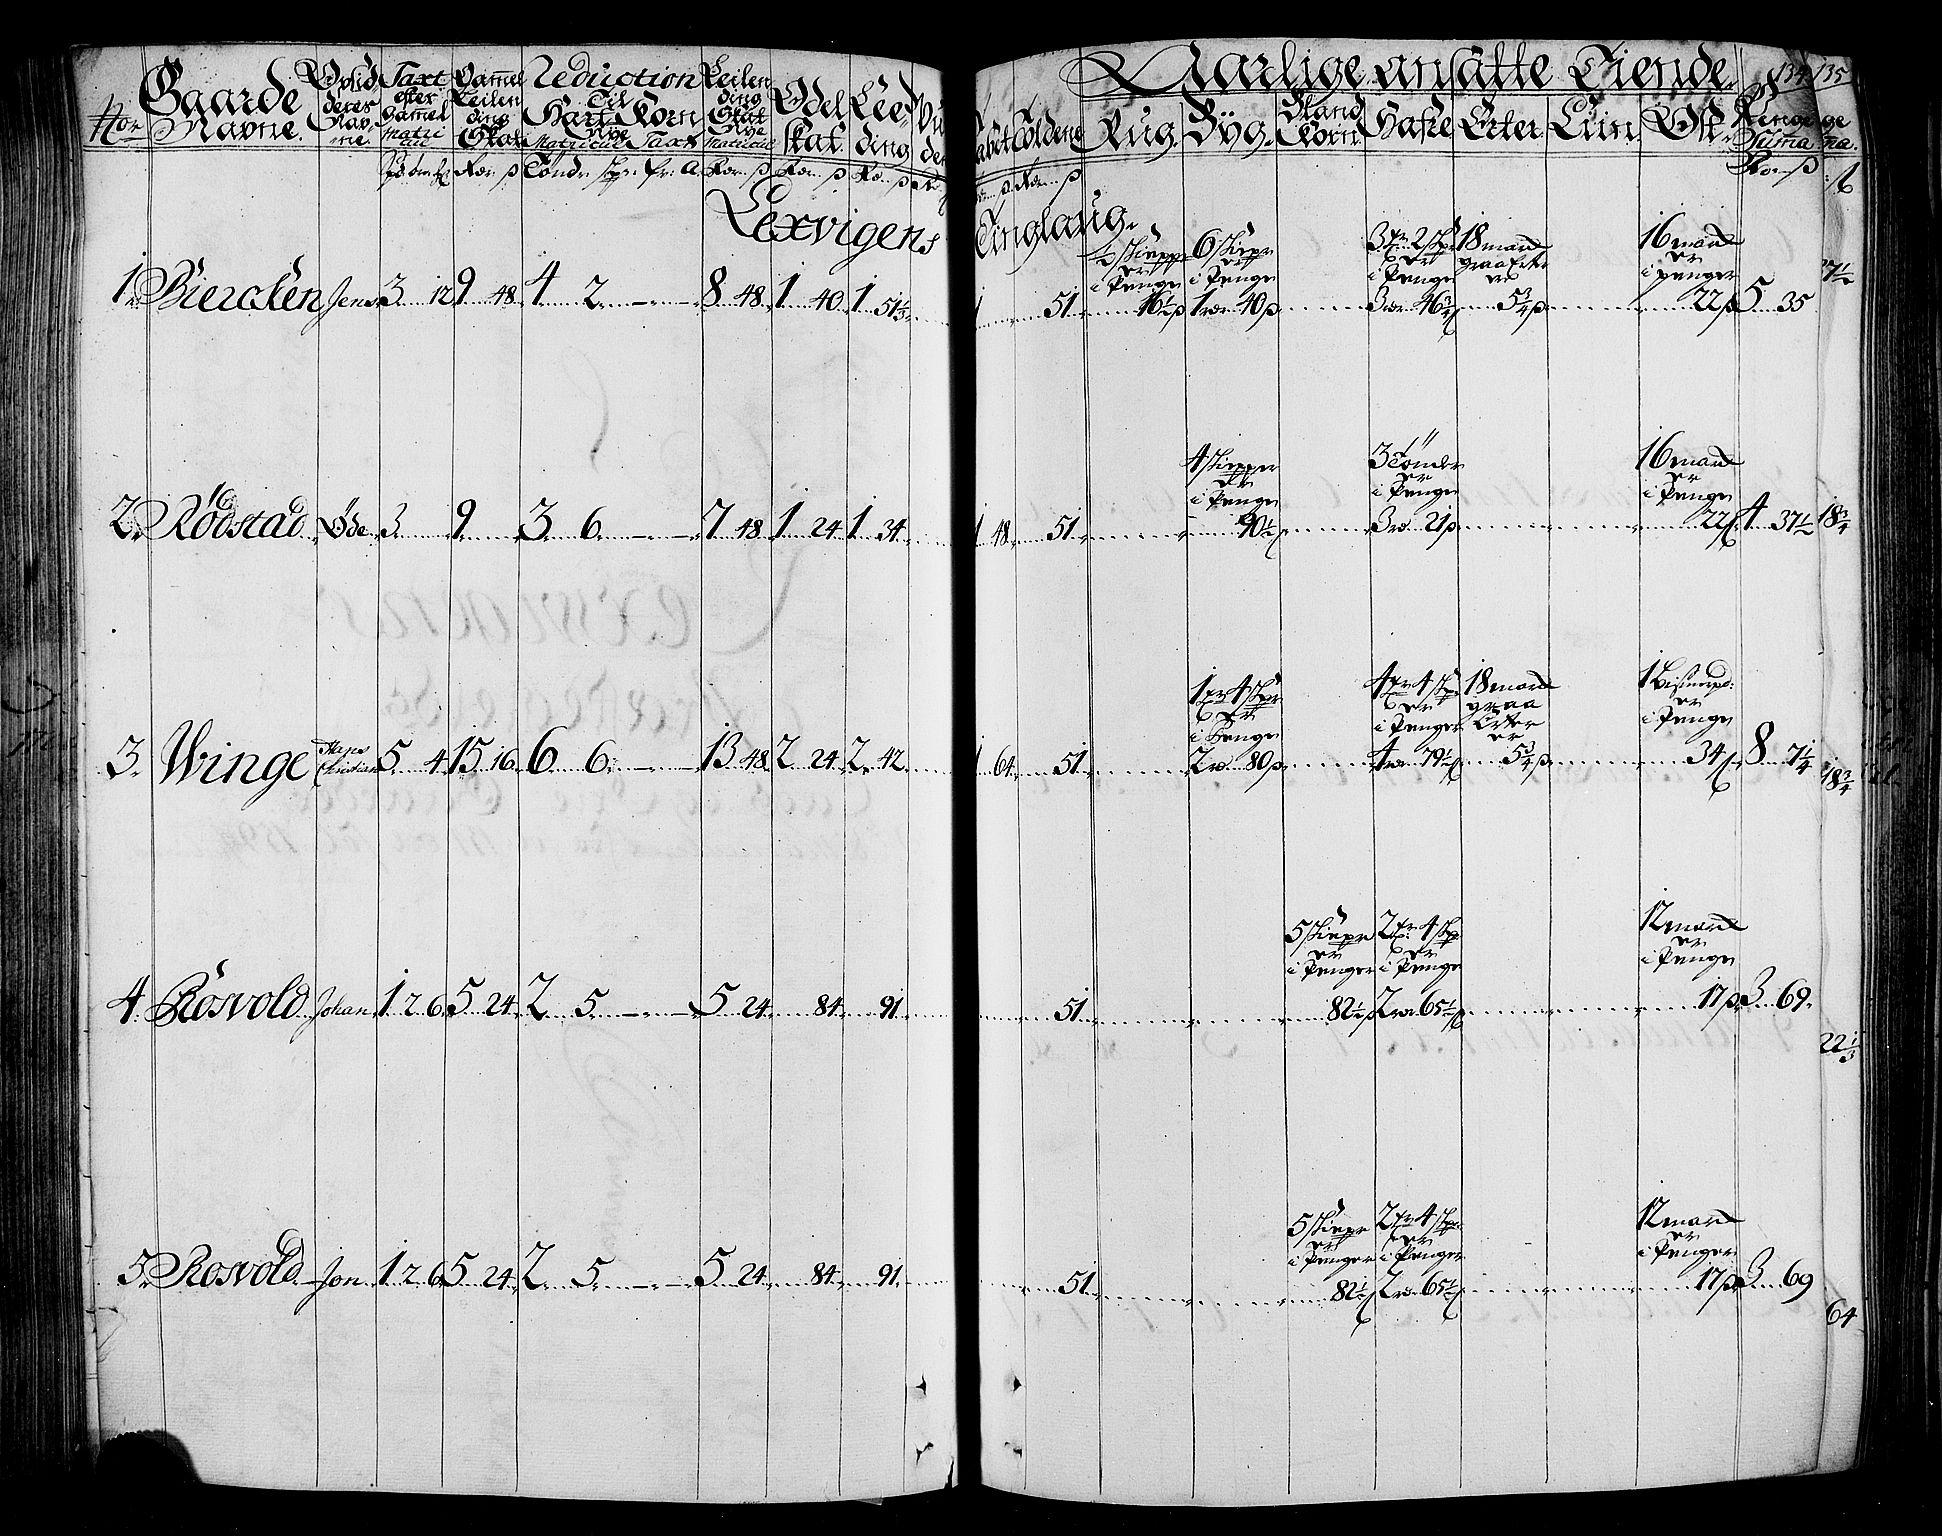 RA, Rentekammeret inntil 1814, Realistisk ordnet avdeling, N/Nb/Nbf/L0165: Stjørdal og Verdal matrikkelprotokoll, 1723, s. 133b-134a